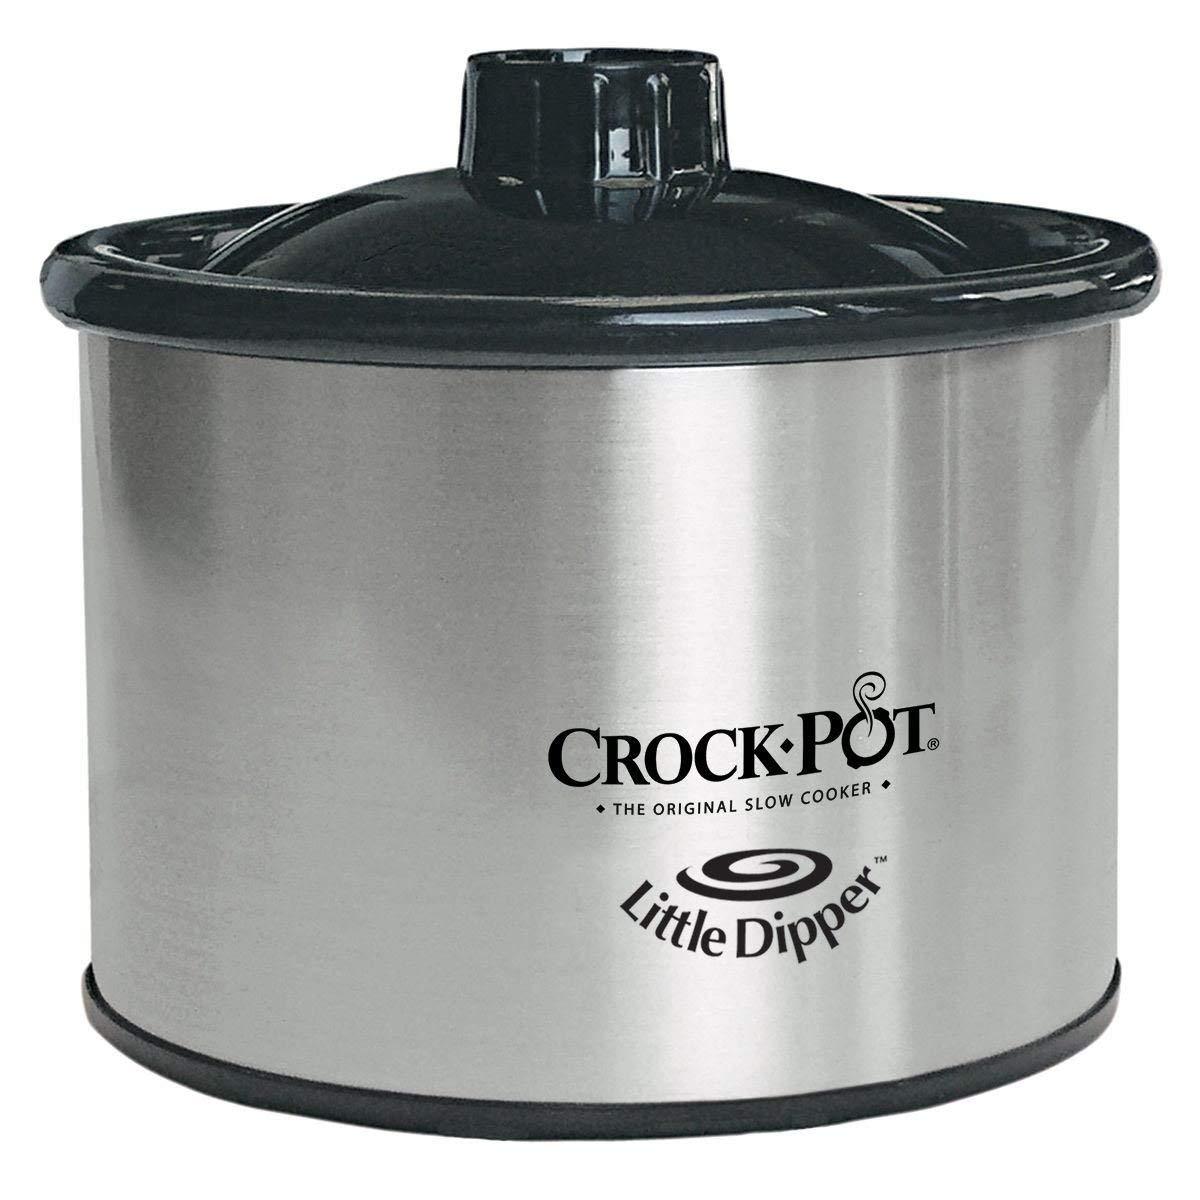 Crock-pot 32041-c-np Little Dipper Food Warmer, Silver